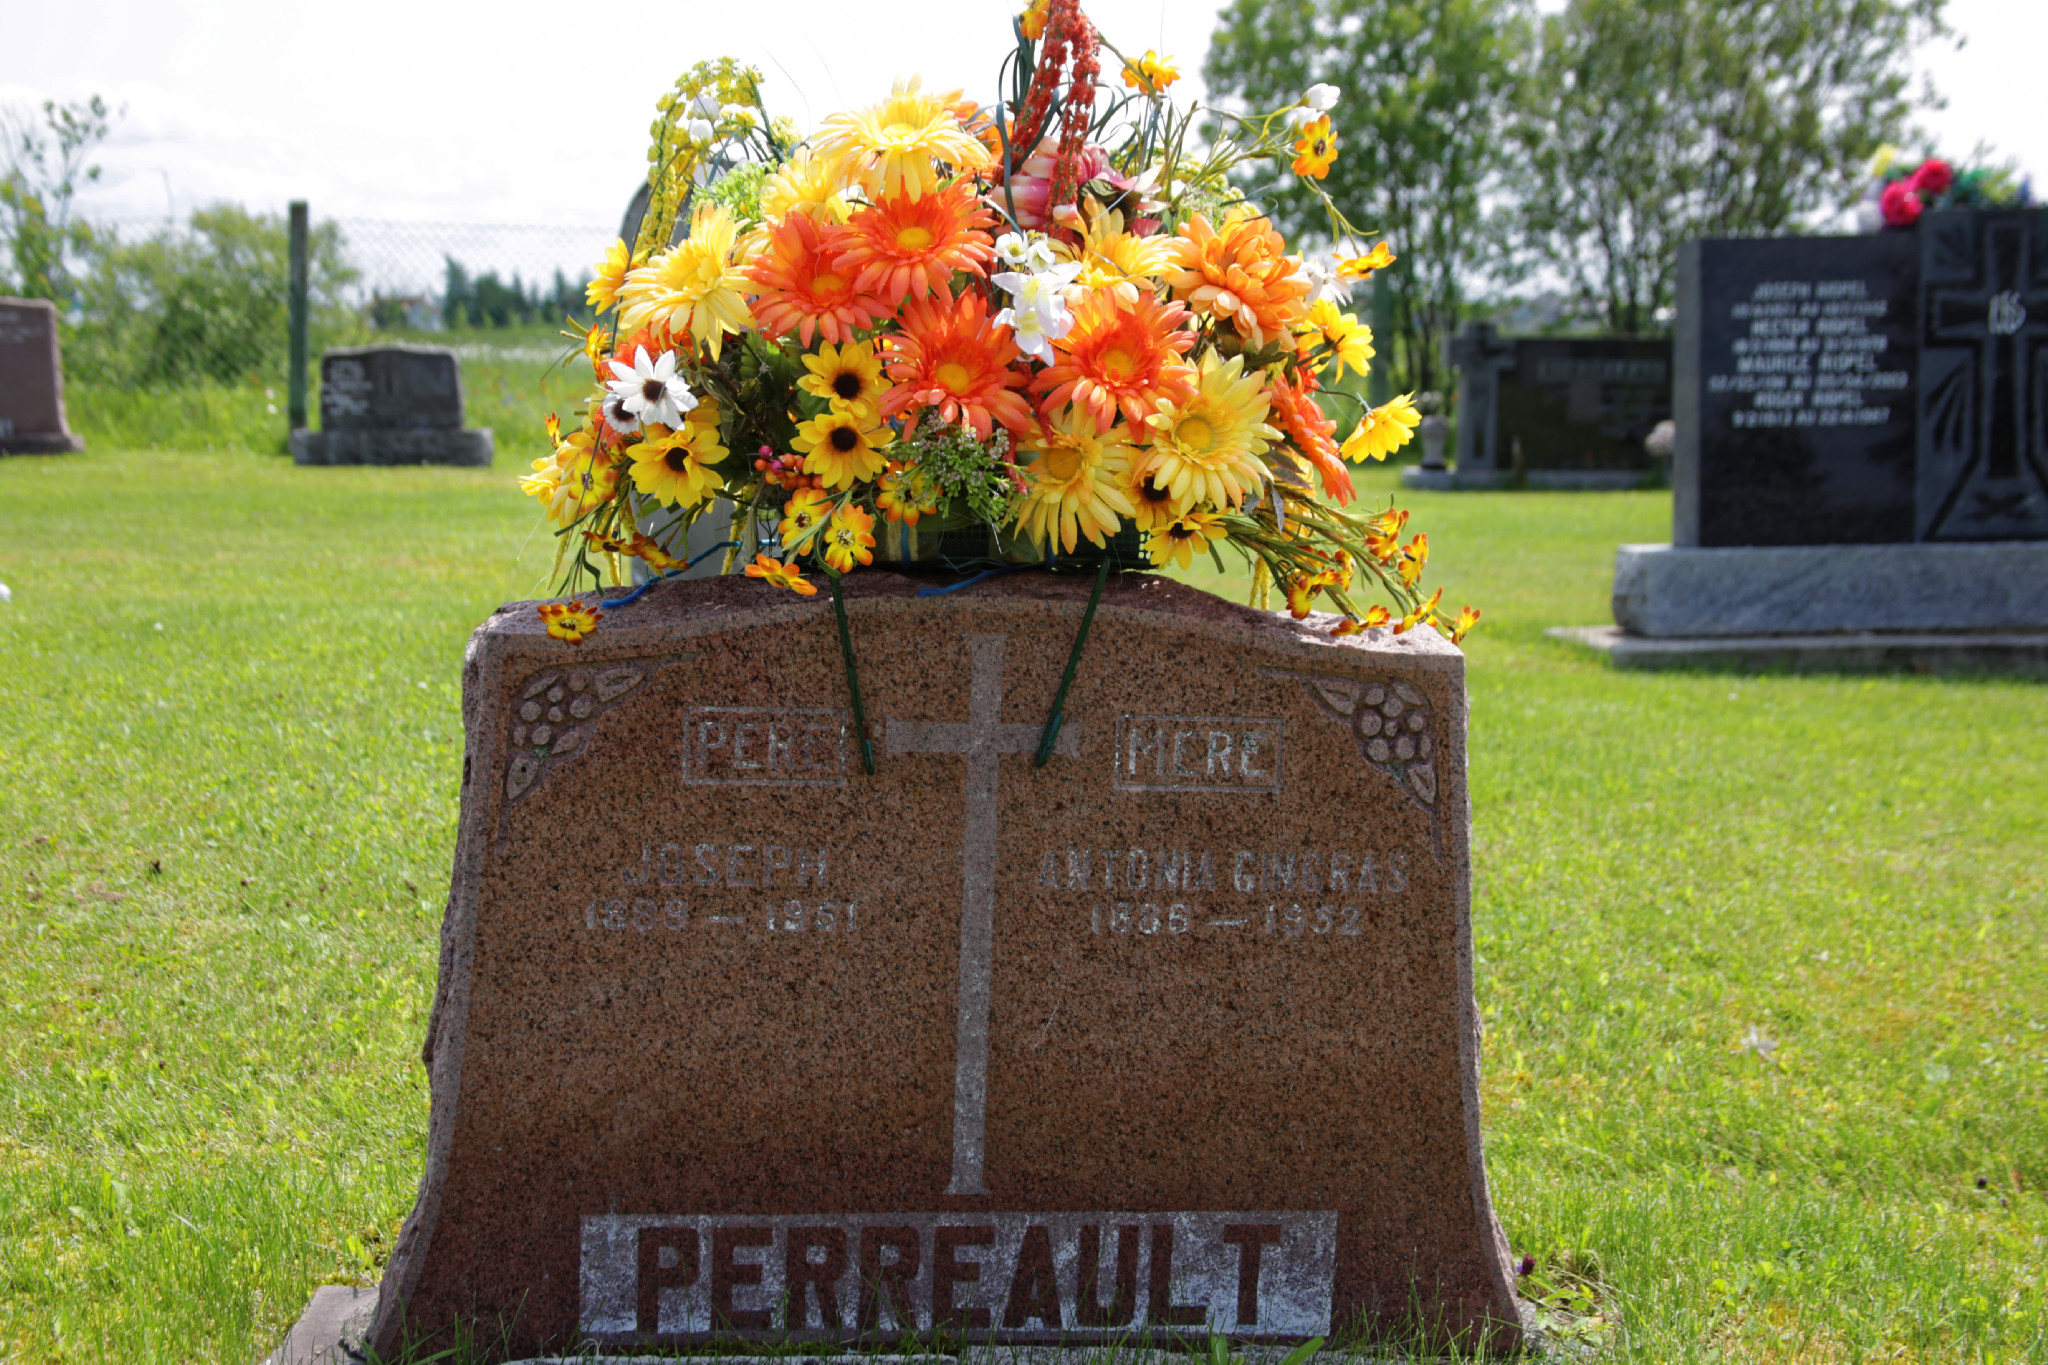 Joseph Perreault